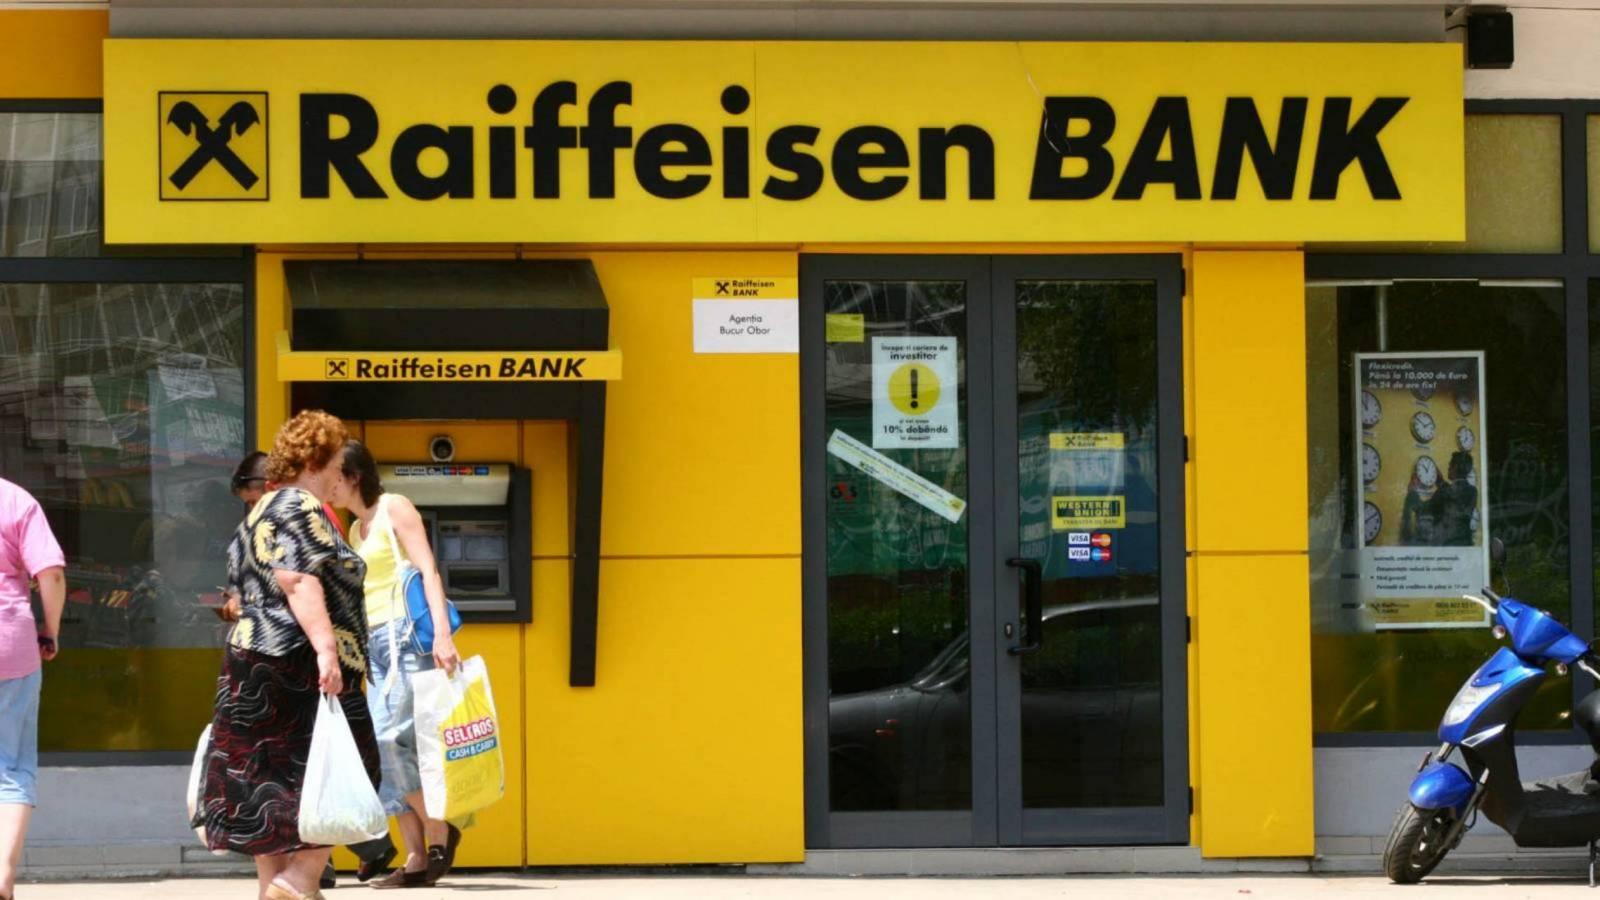 Raiffeisen Bank recompensa